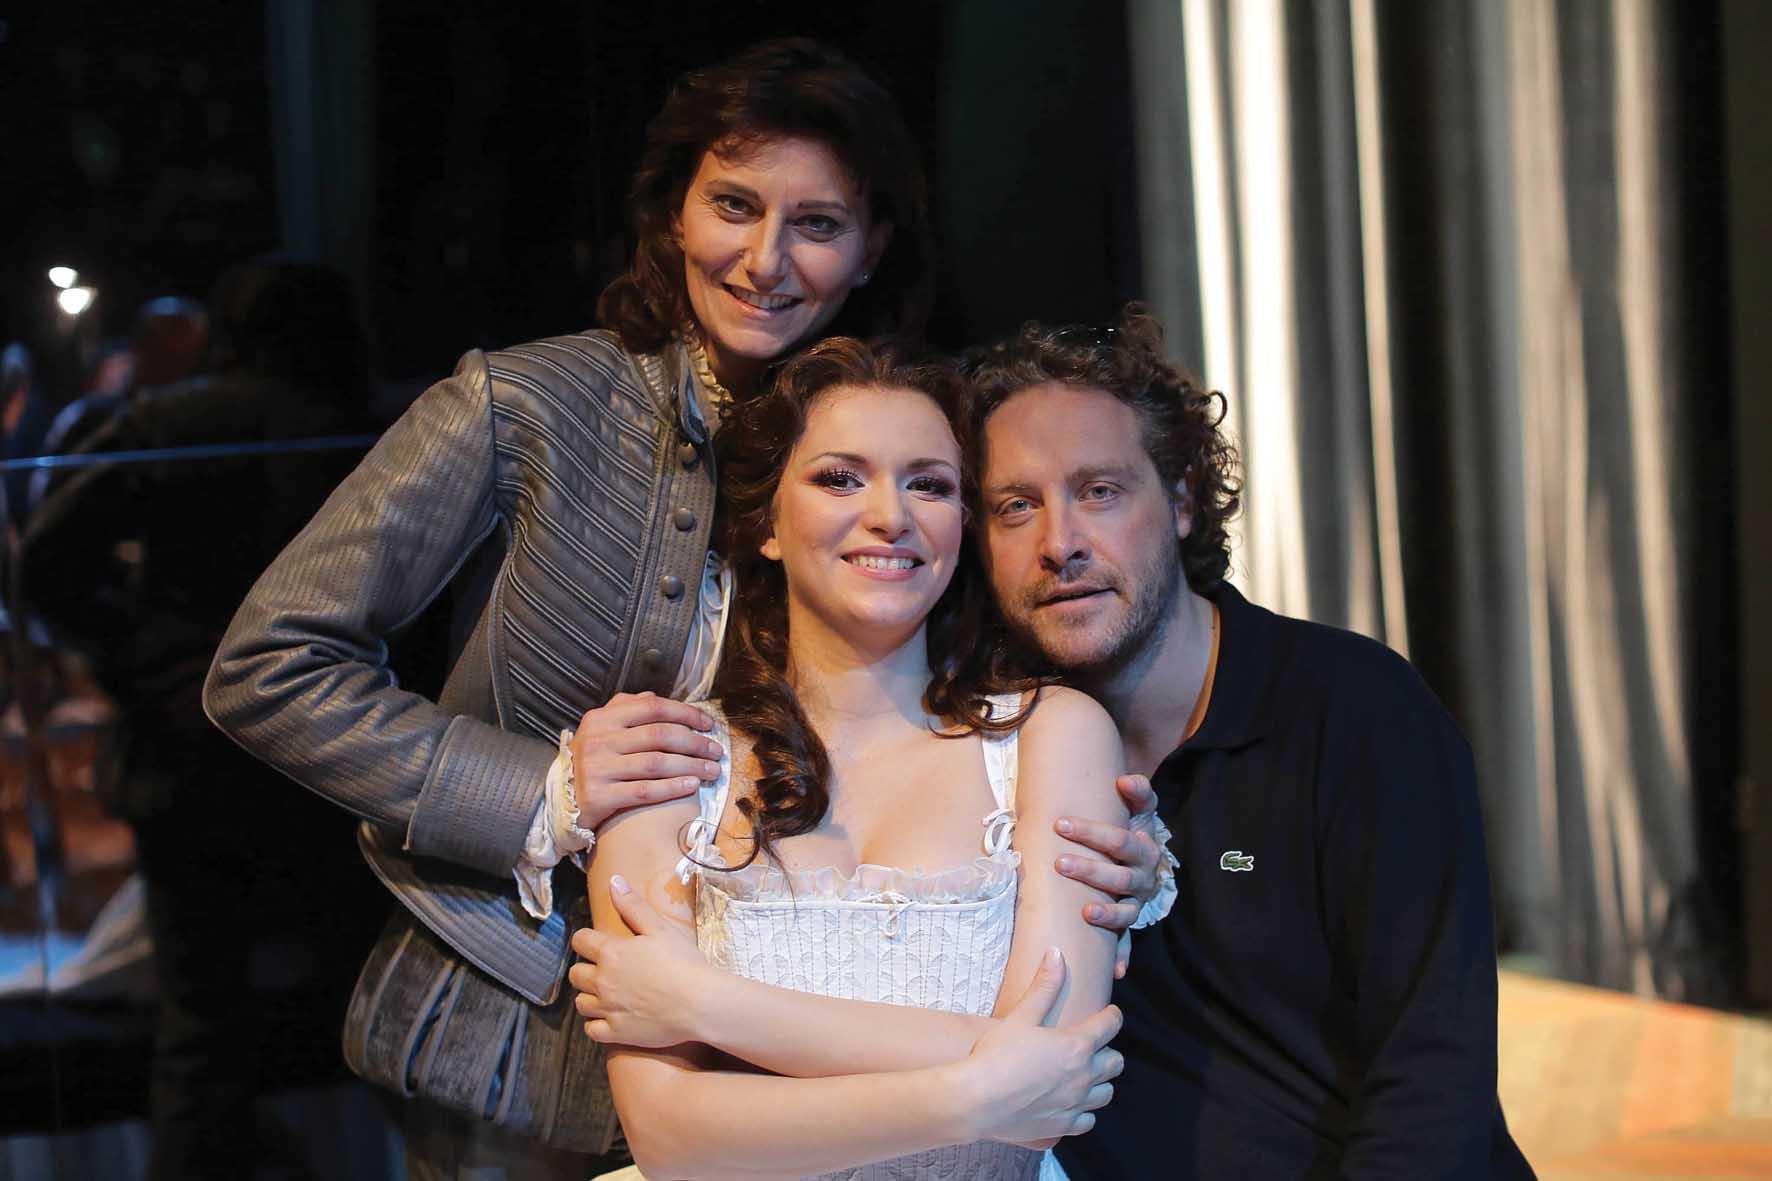 Fondazione arena lirica capuleti montecchi DanielaPiniRomeo MihaelaMarcuGiulietta ArnaudBernardregista FotoEnnevi IMG 9233 1